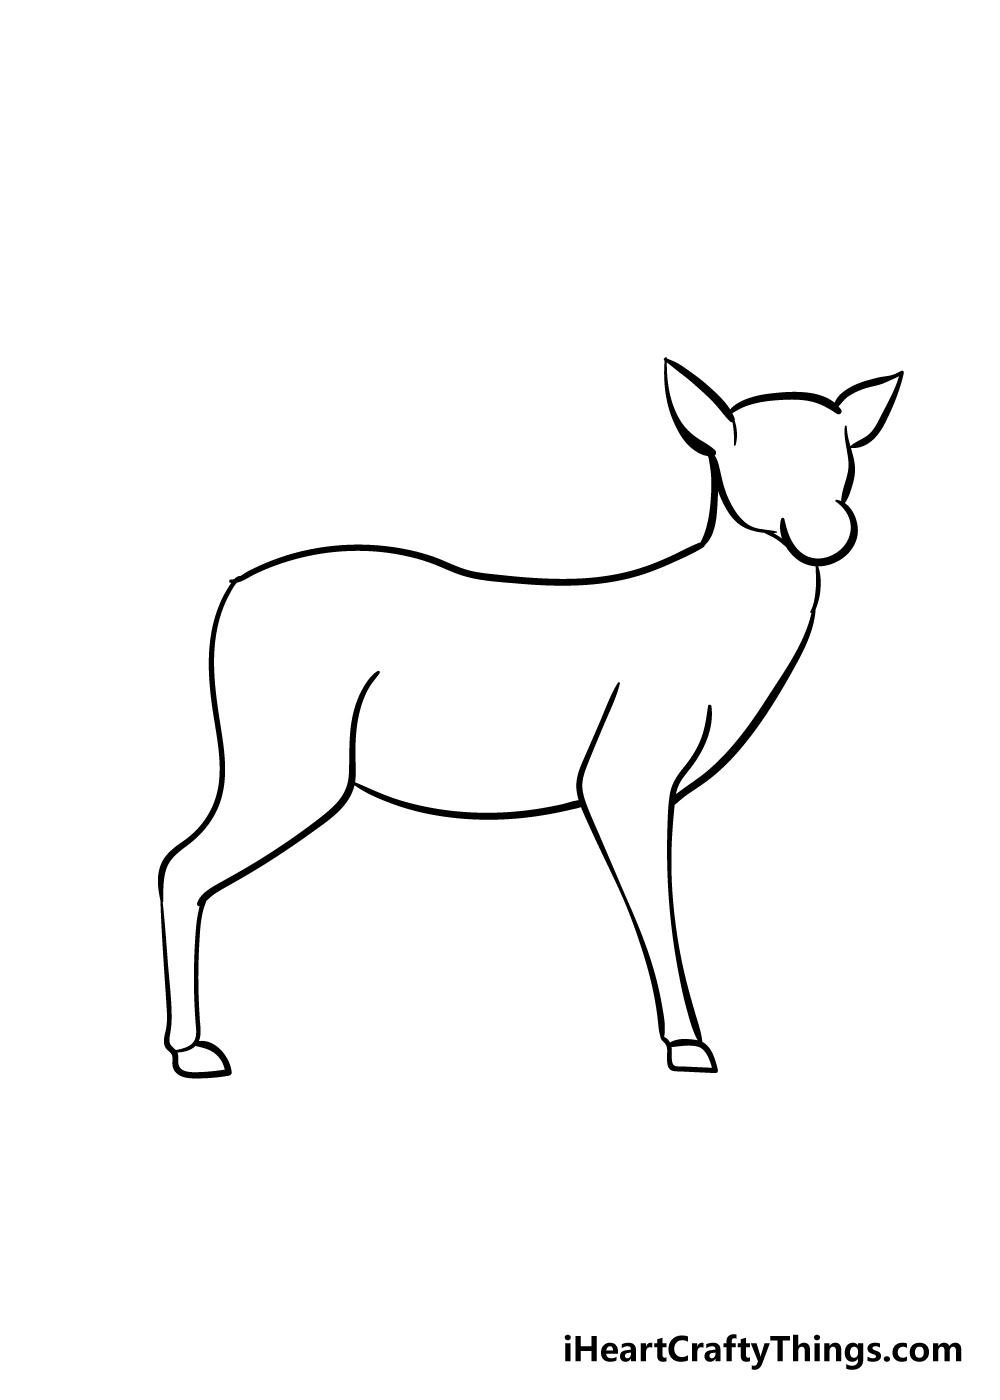 drawing deer step 4